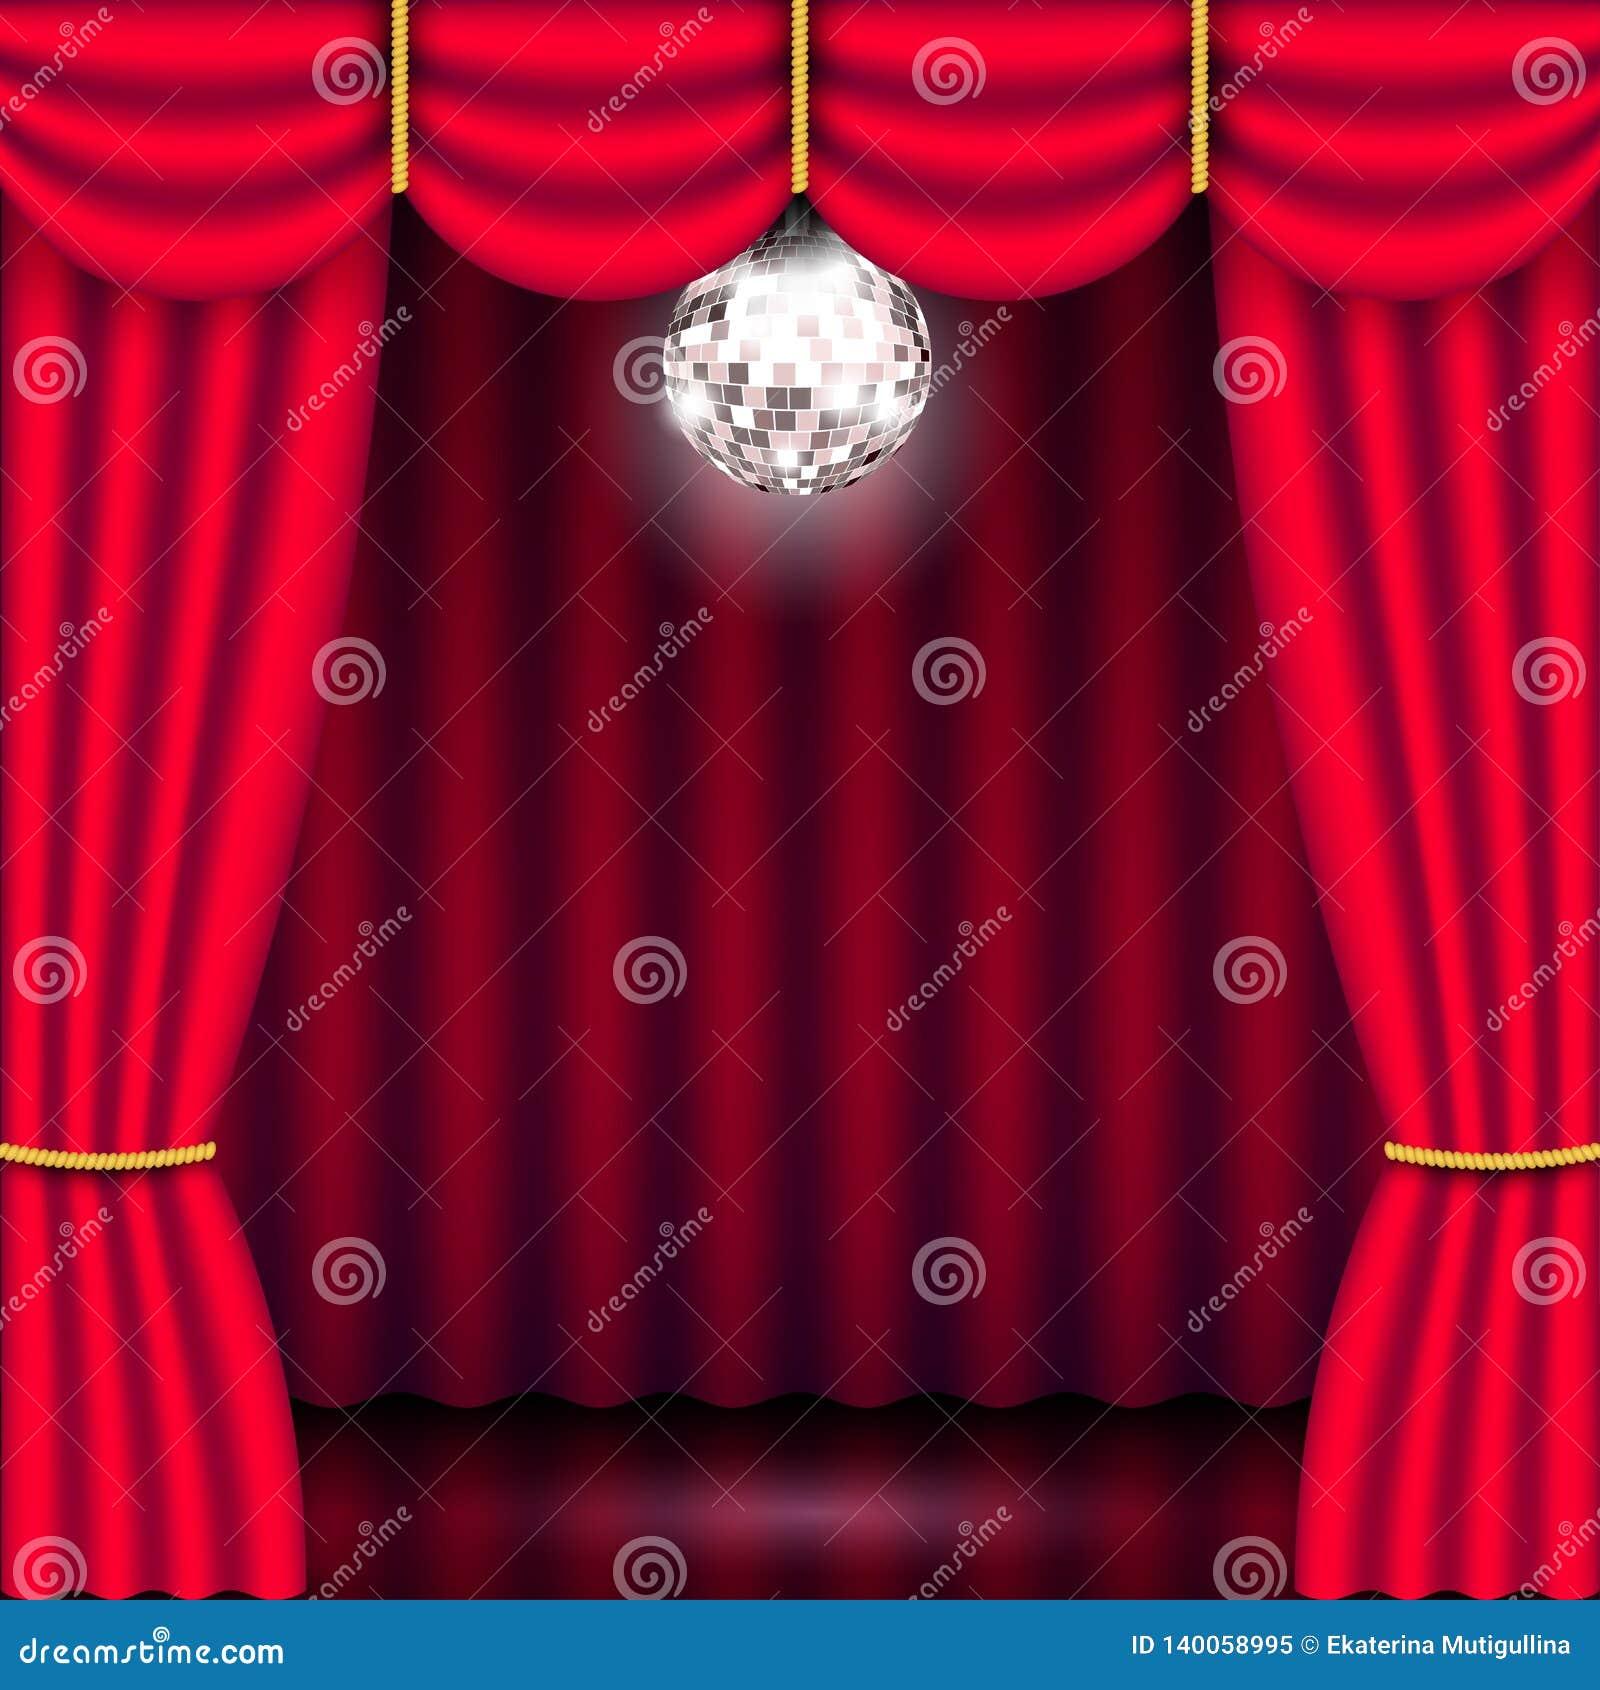 Teatr scena, czerwona zasłona i lustro piłka,